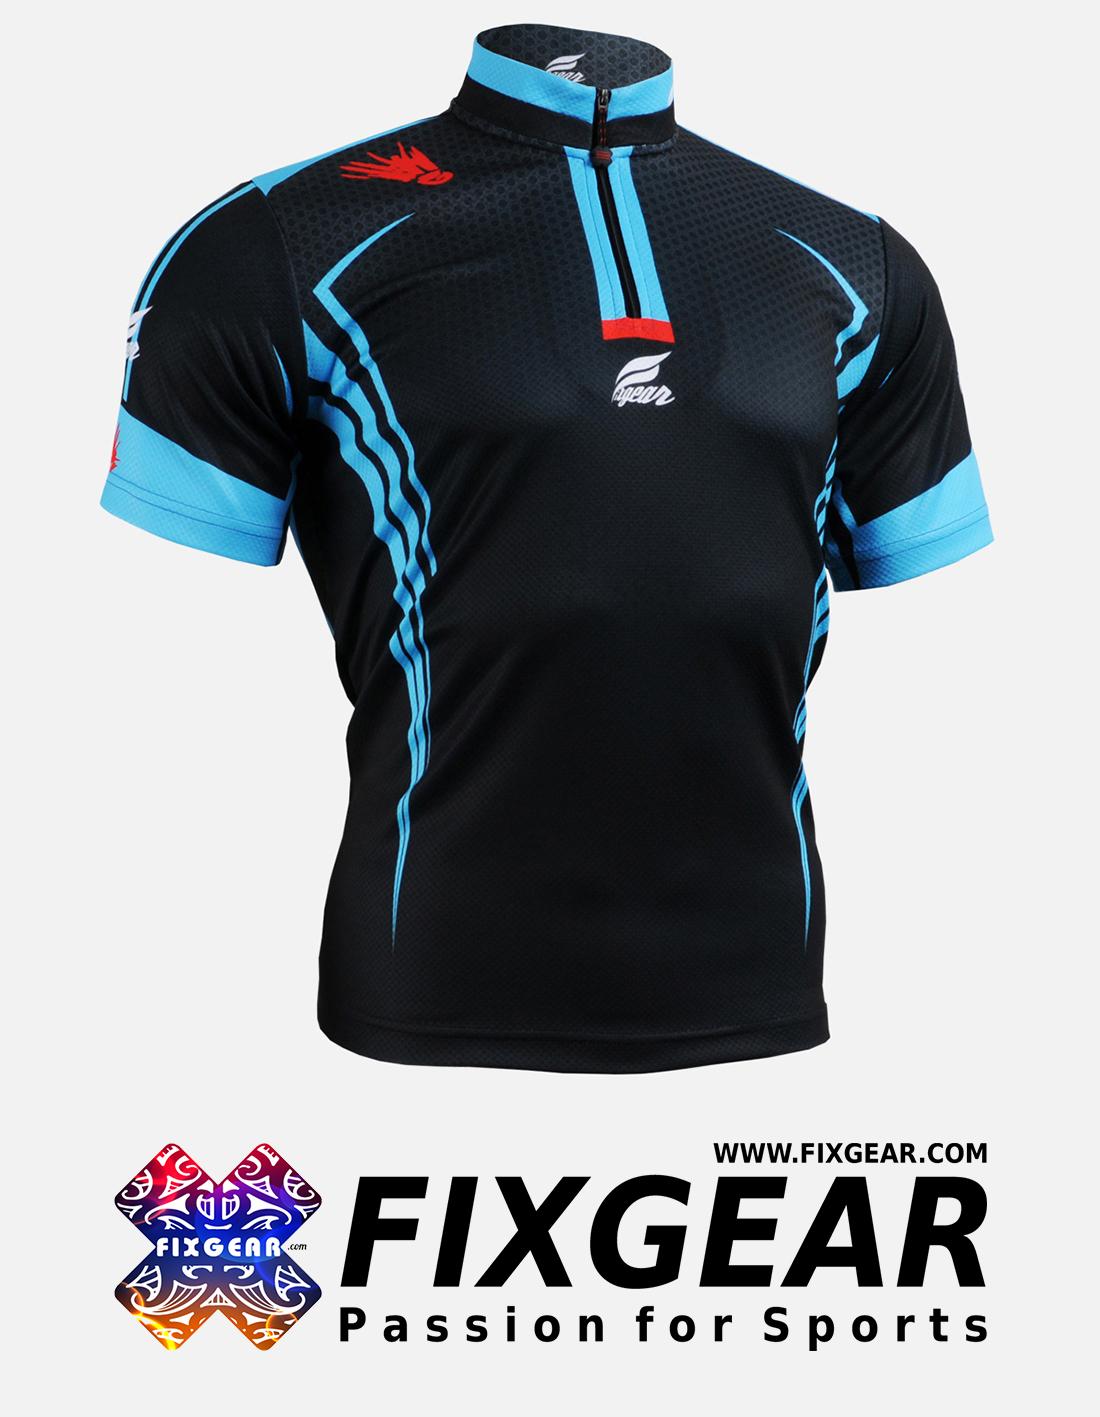 FIXGEAR BM-5602 Casual Men's short sleeve jersey 1/4 zip-up T-Shirt